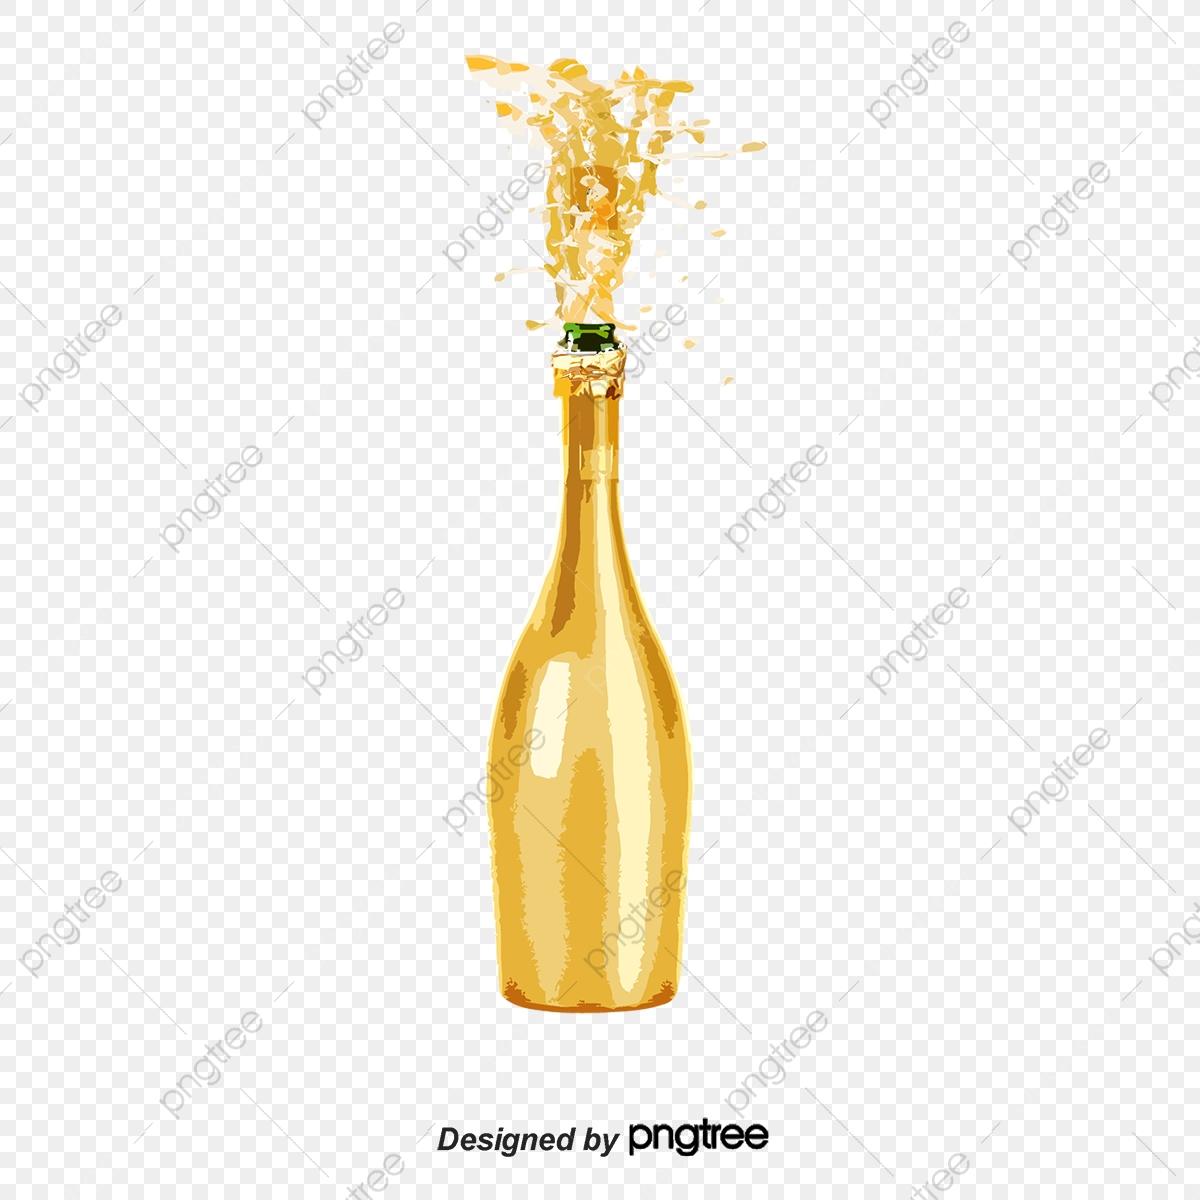 Champagne Splash, Splash Clipart, Champagne, Bottle PNG Transparent.